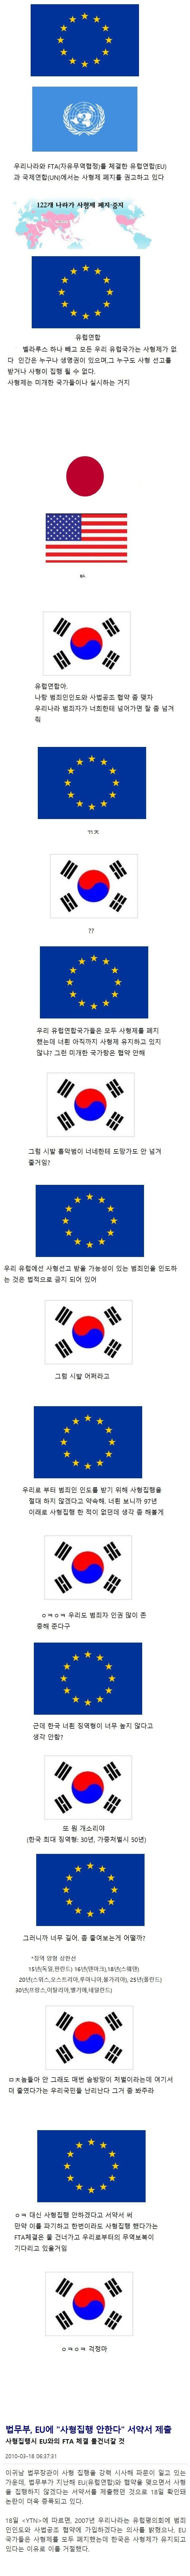 [유머] 한국이 사형집행을 못하는 이유 중 하나 -  와이드섬